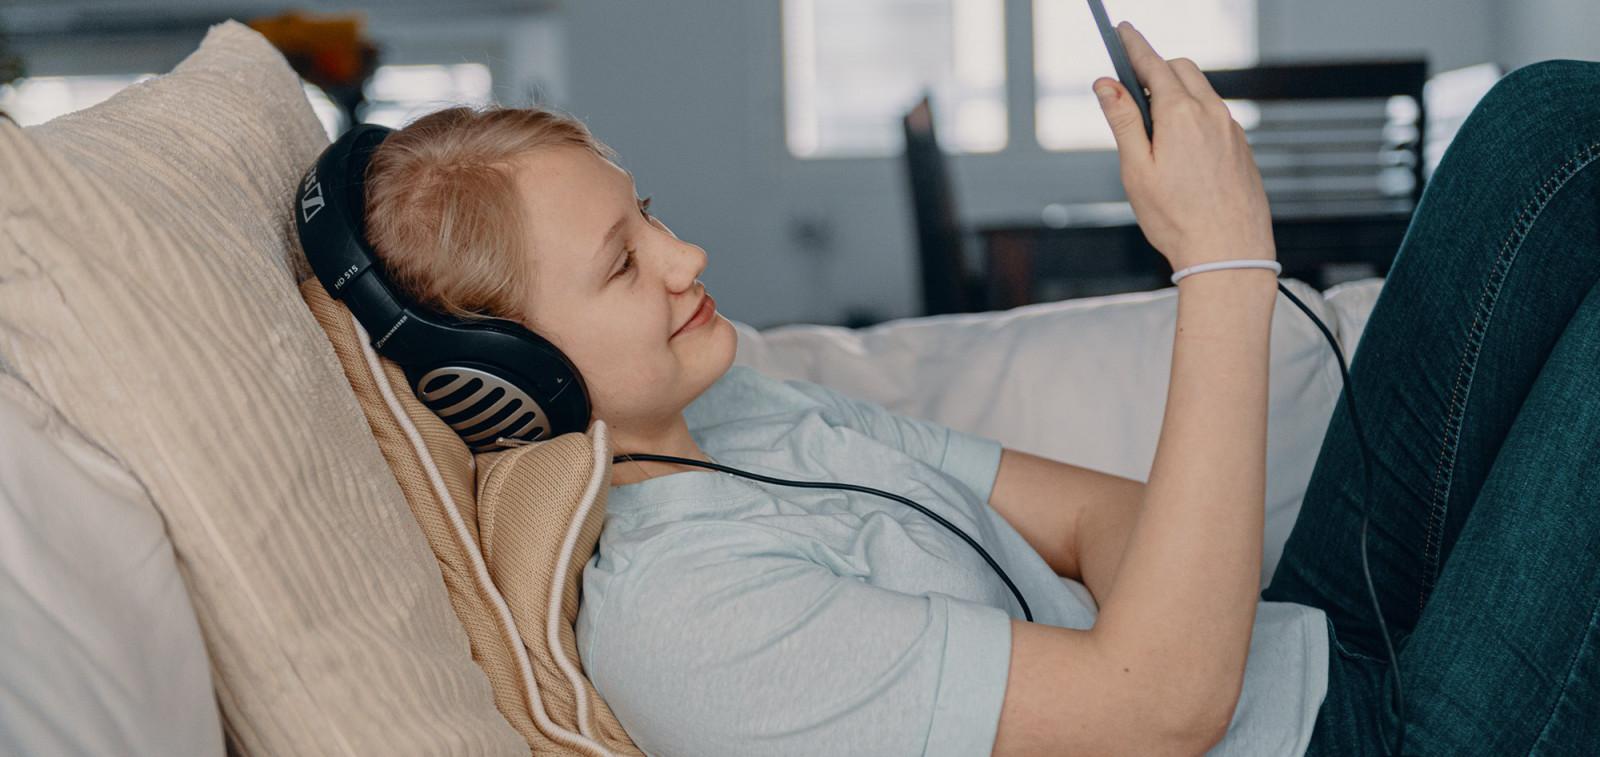 Digituen kuvituskuva, Digi- ja väestötietovirasto. Kuvassa tyttö istuu sohvalla ja käyttää kännykkää kuulokkeet korvilla.